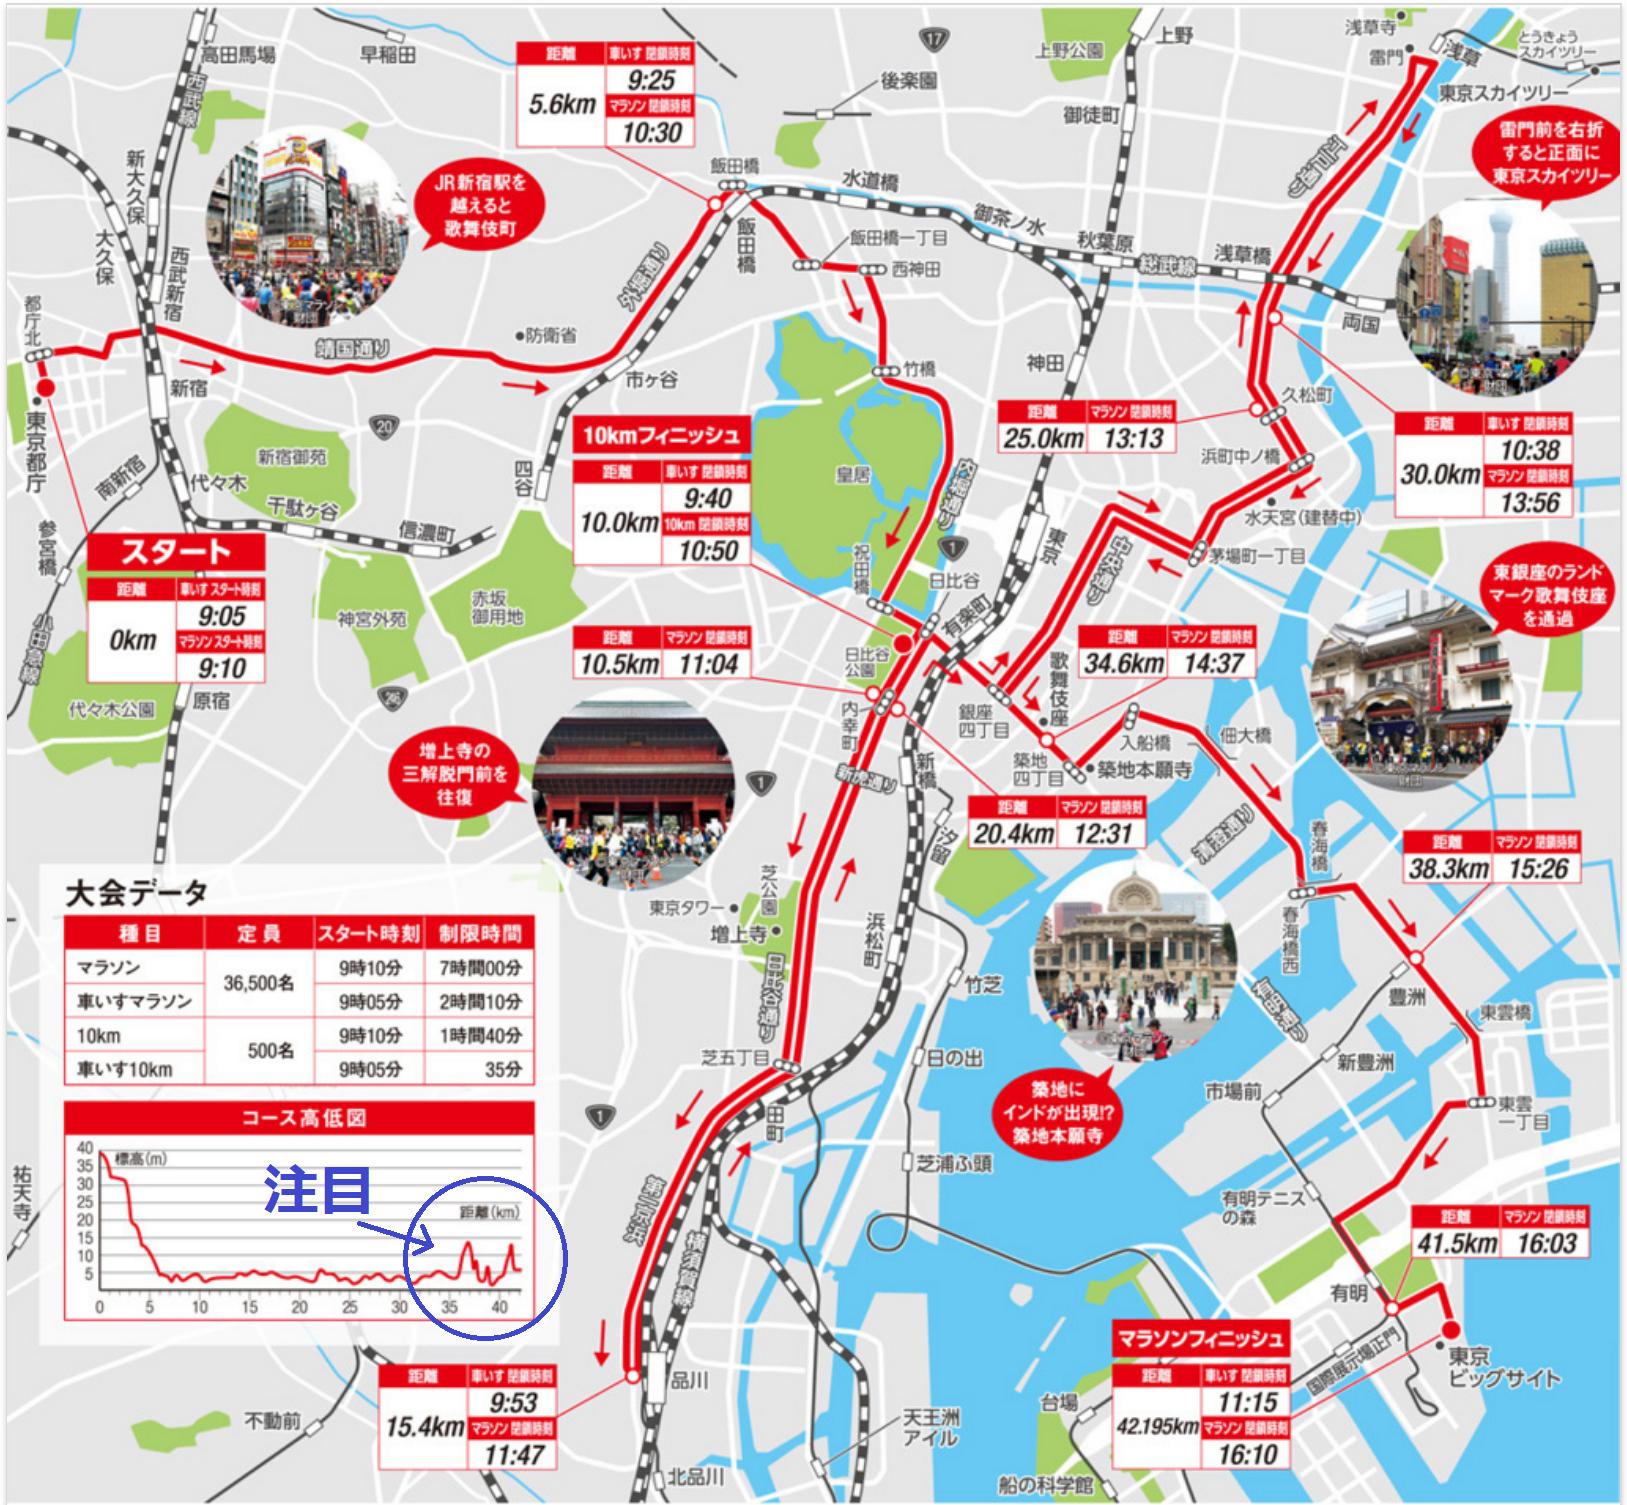 東京マラソン2016までのコースマップ